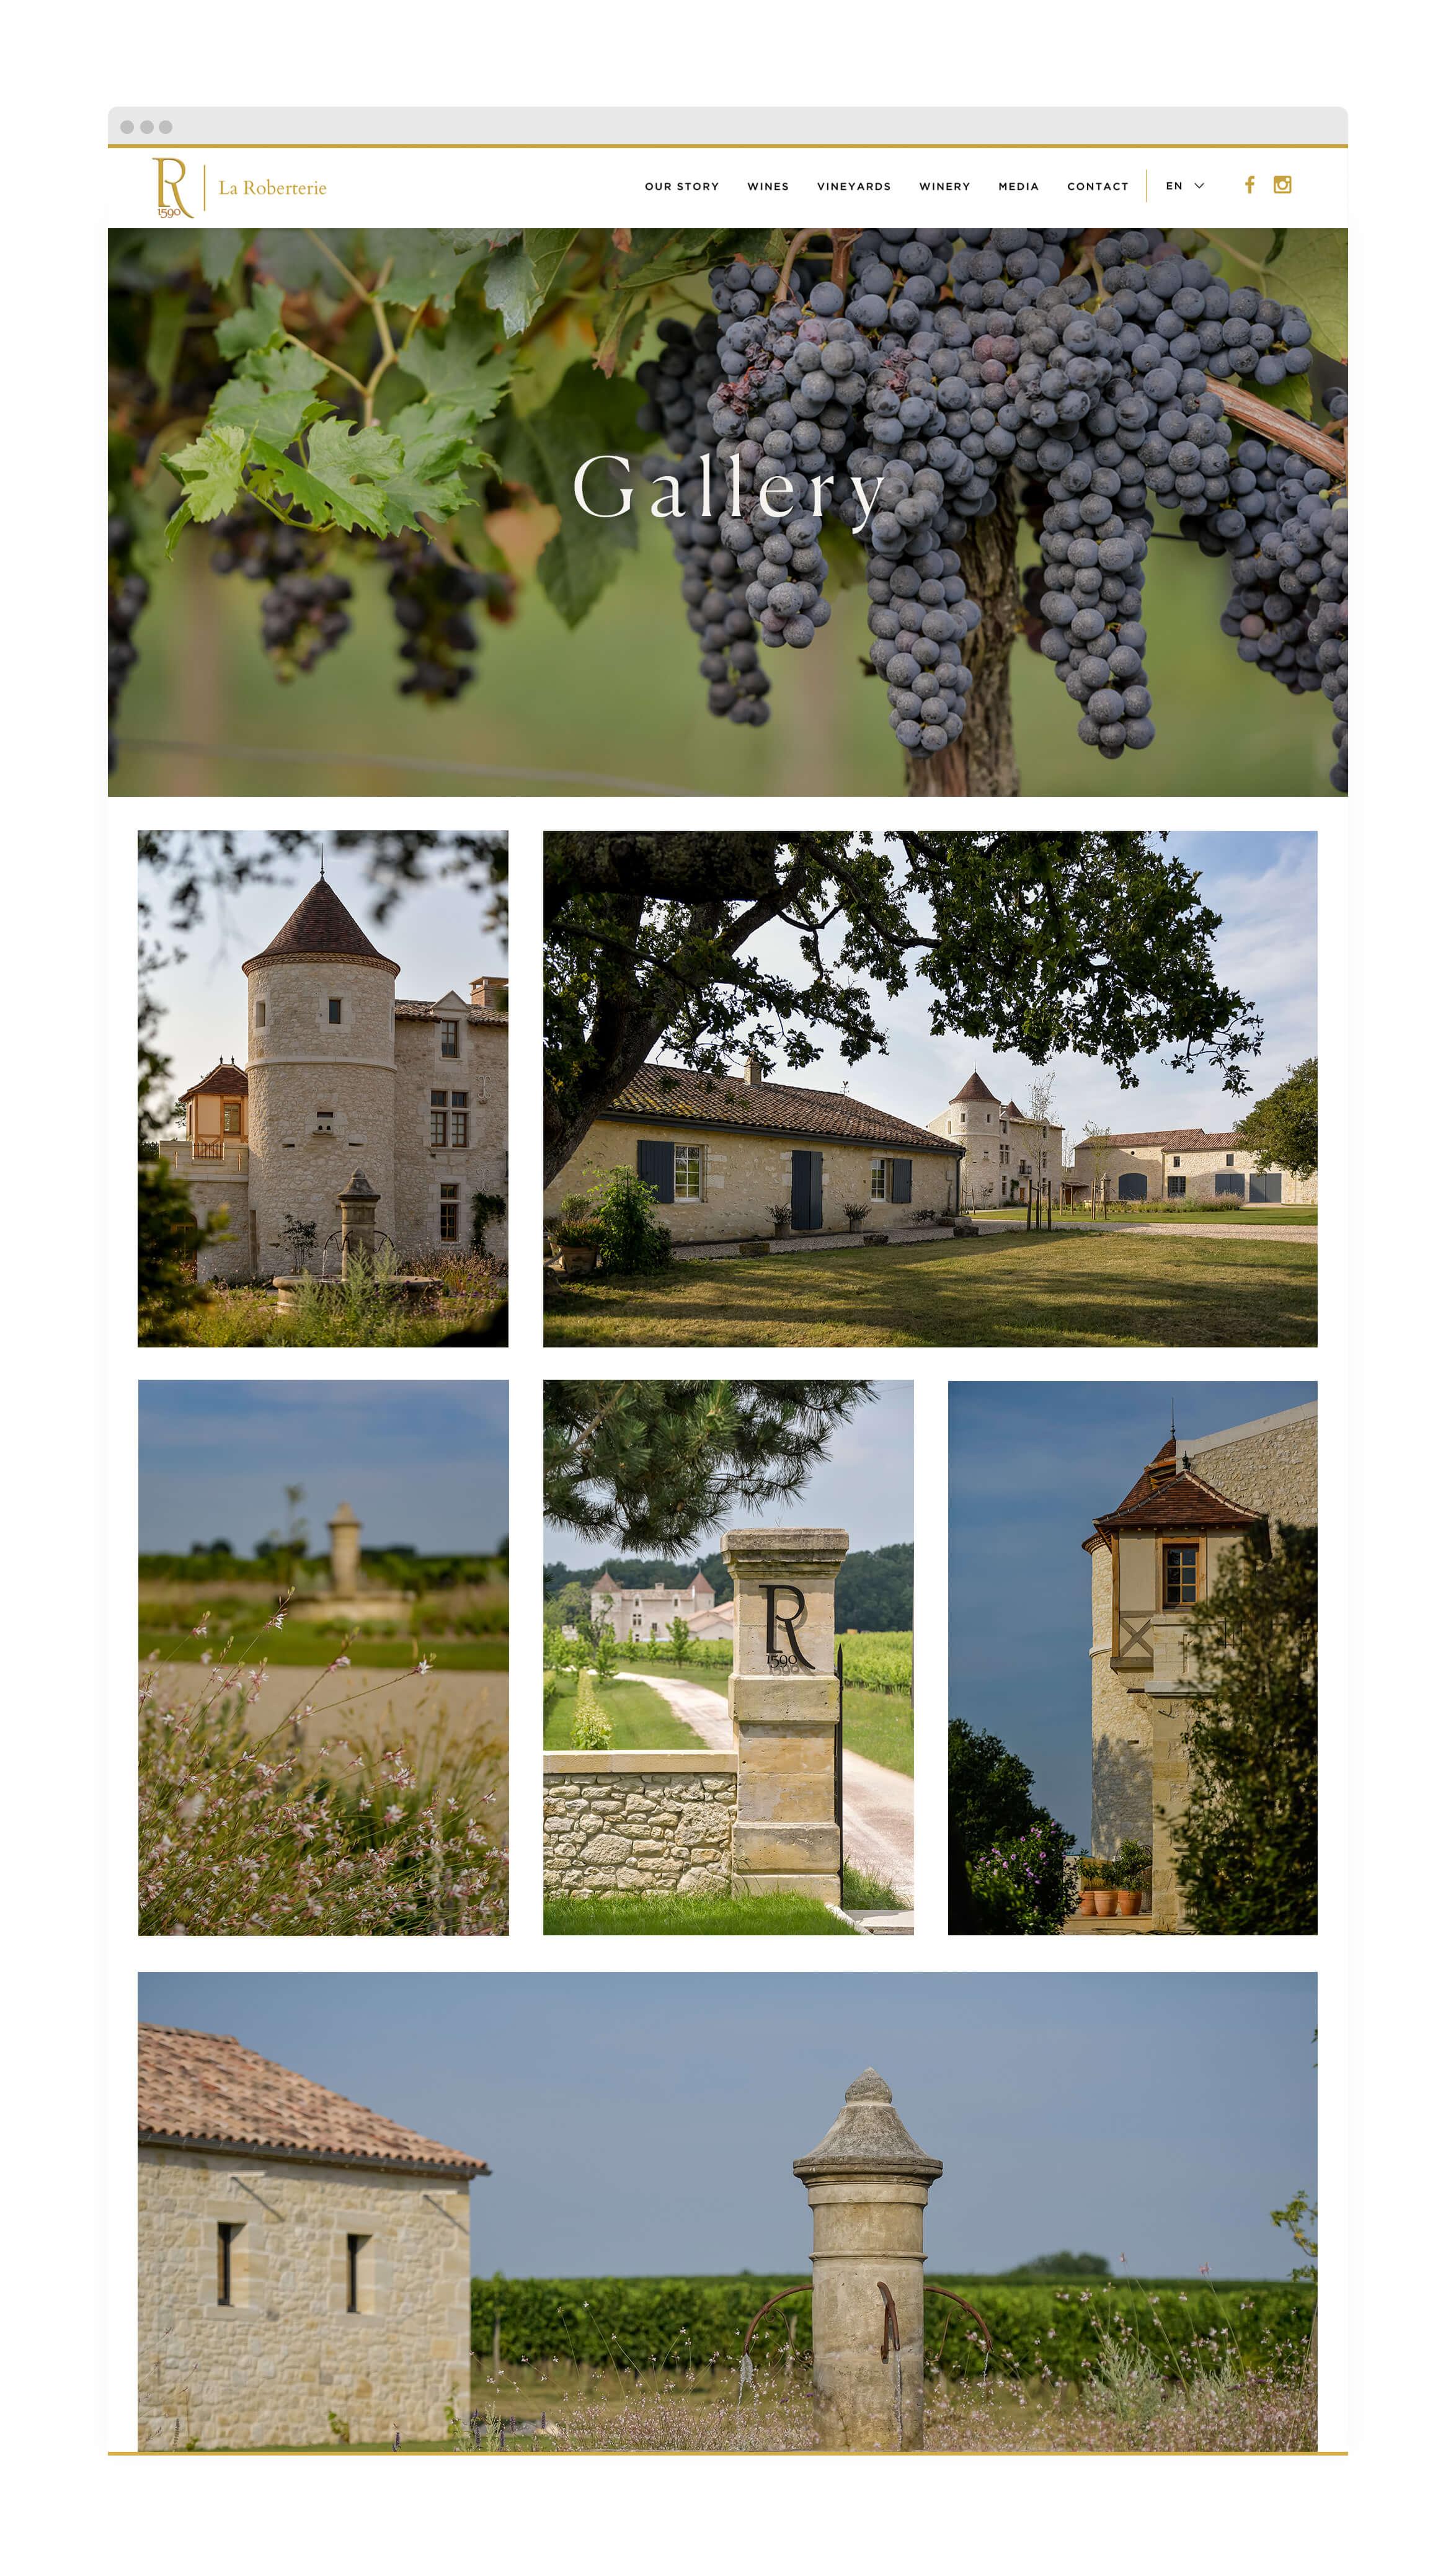 Kymera - Château La Roberterie